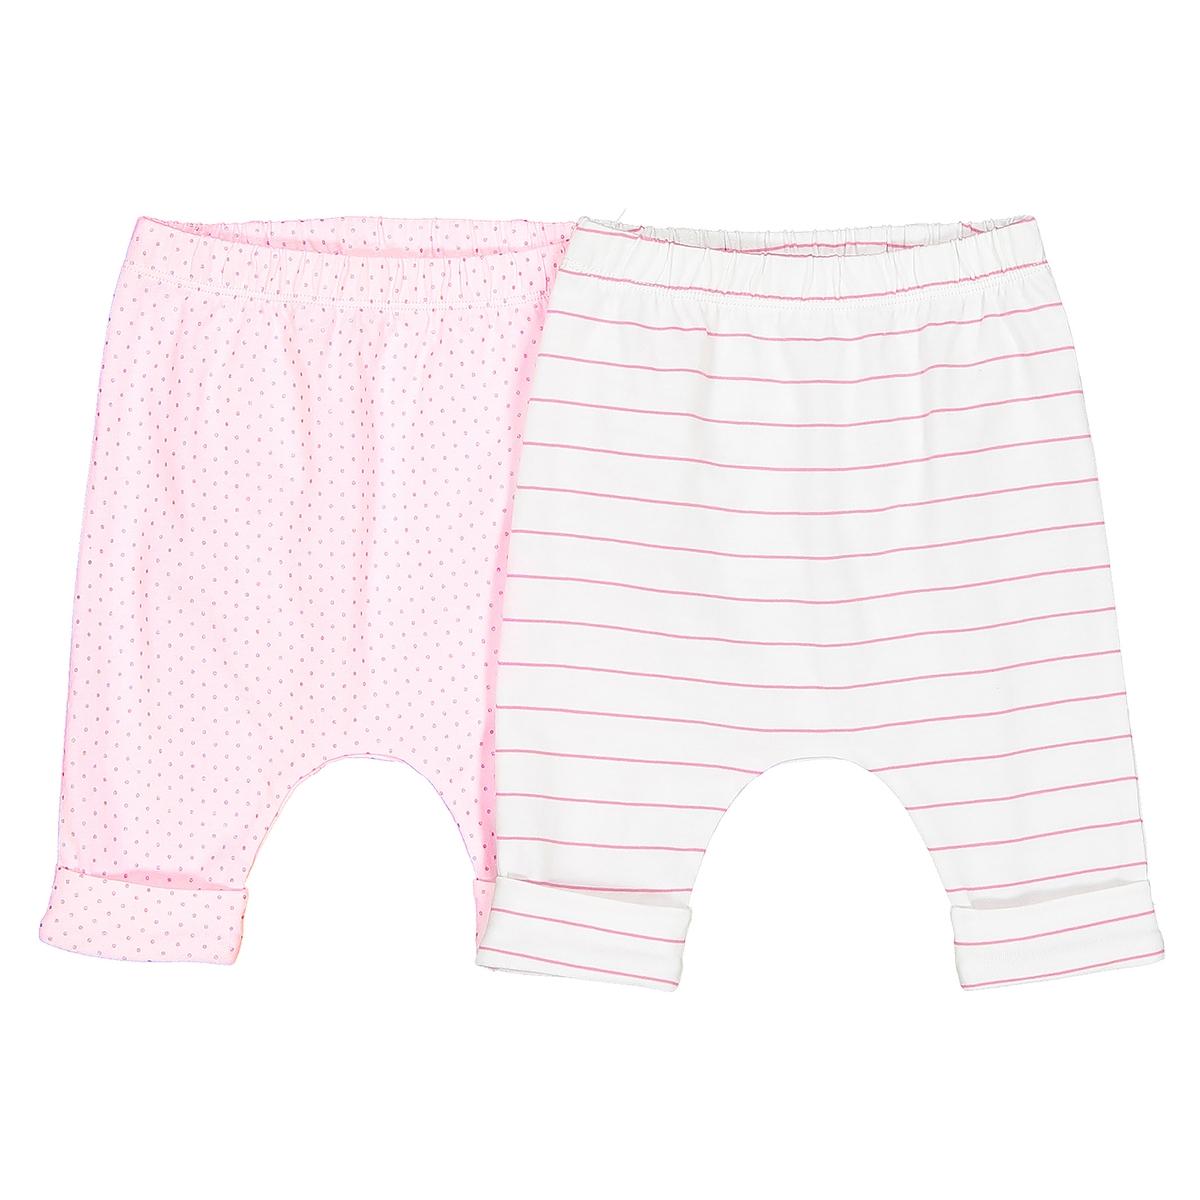 Confezione da 2 pantaloni alla turca fantasia 0 mesi - 2 anni Oeko Tex